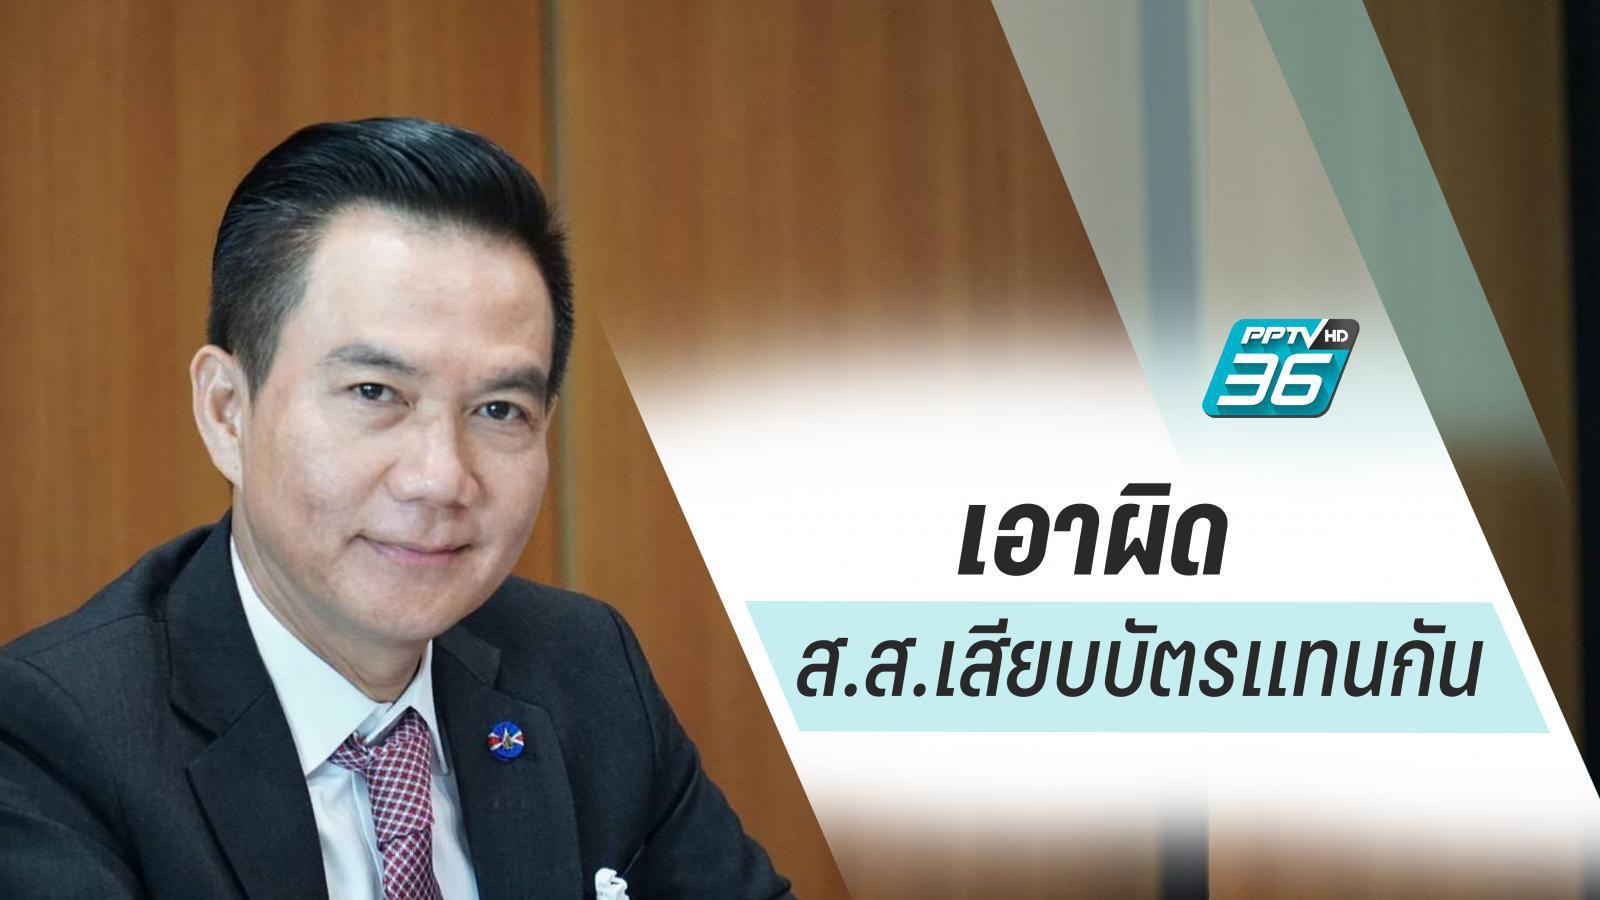 """""""เพื่อไทย"""" จี้ ผู้นำพรรครัฐบาล เอาผิดส.ส.เสียบบัตรแทน"""